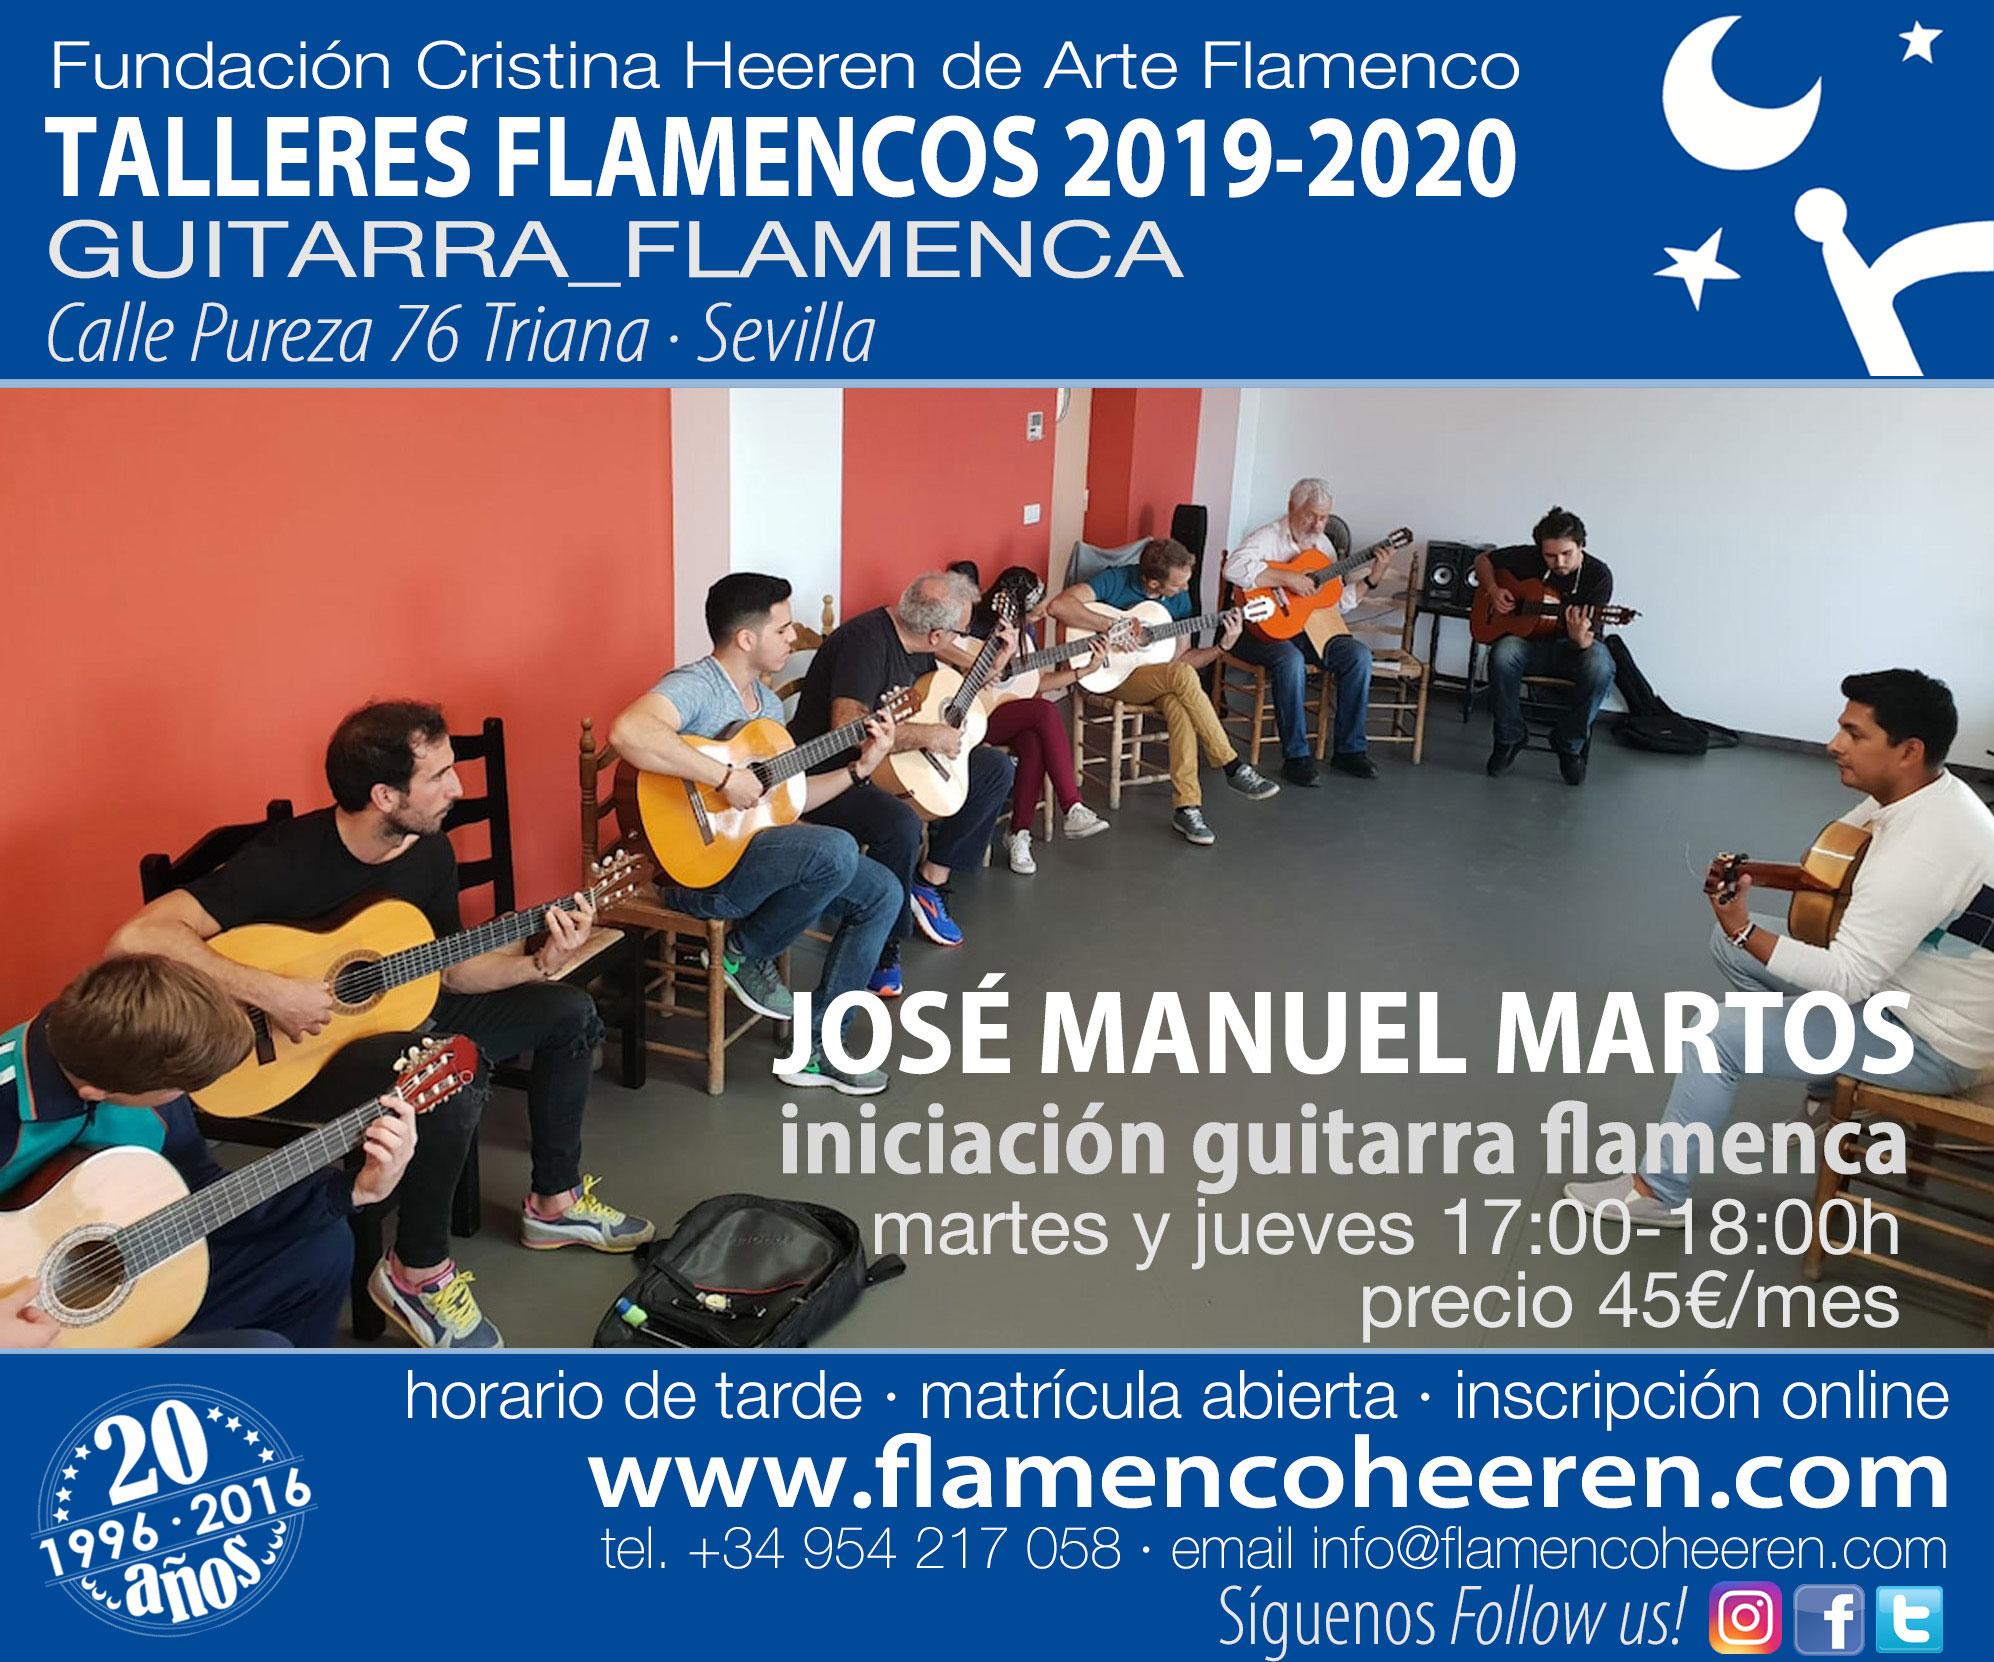 José Manuel Martos. Iniciación guitarra flamenca. Talleres flamencos Fundación Cristina Heeren